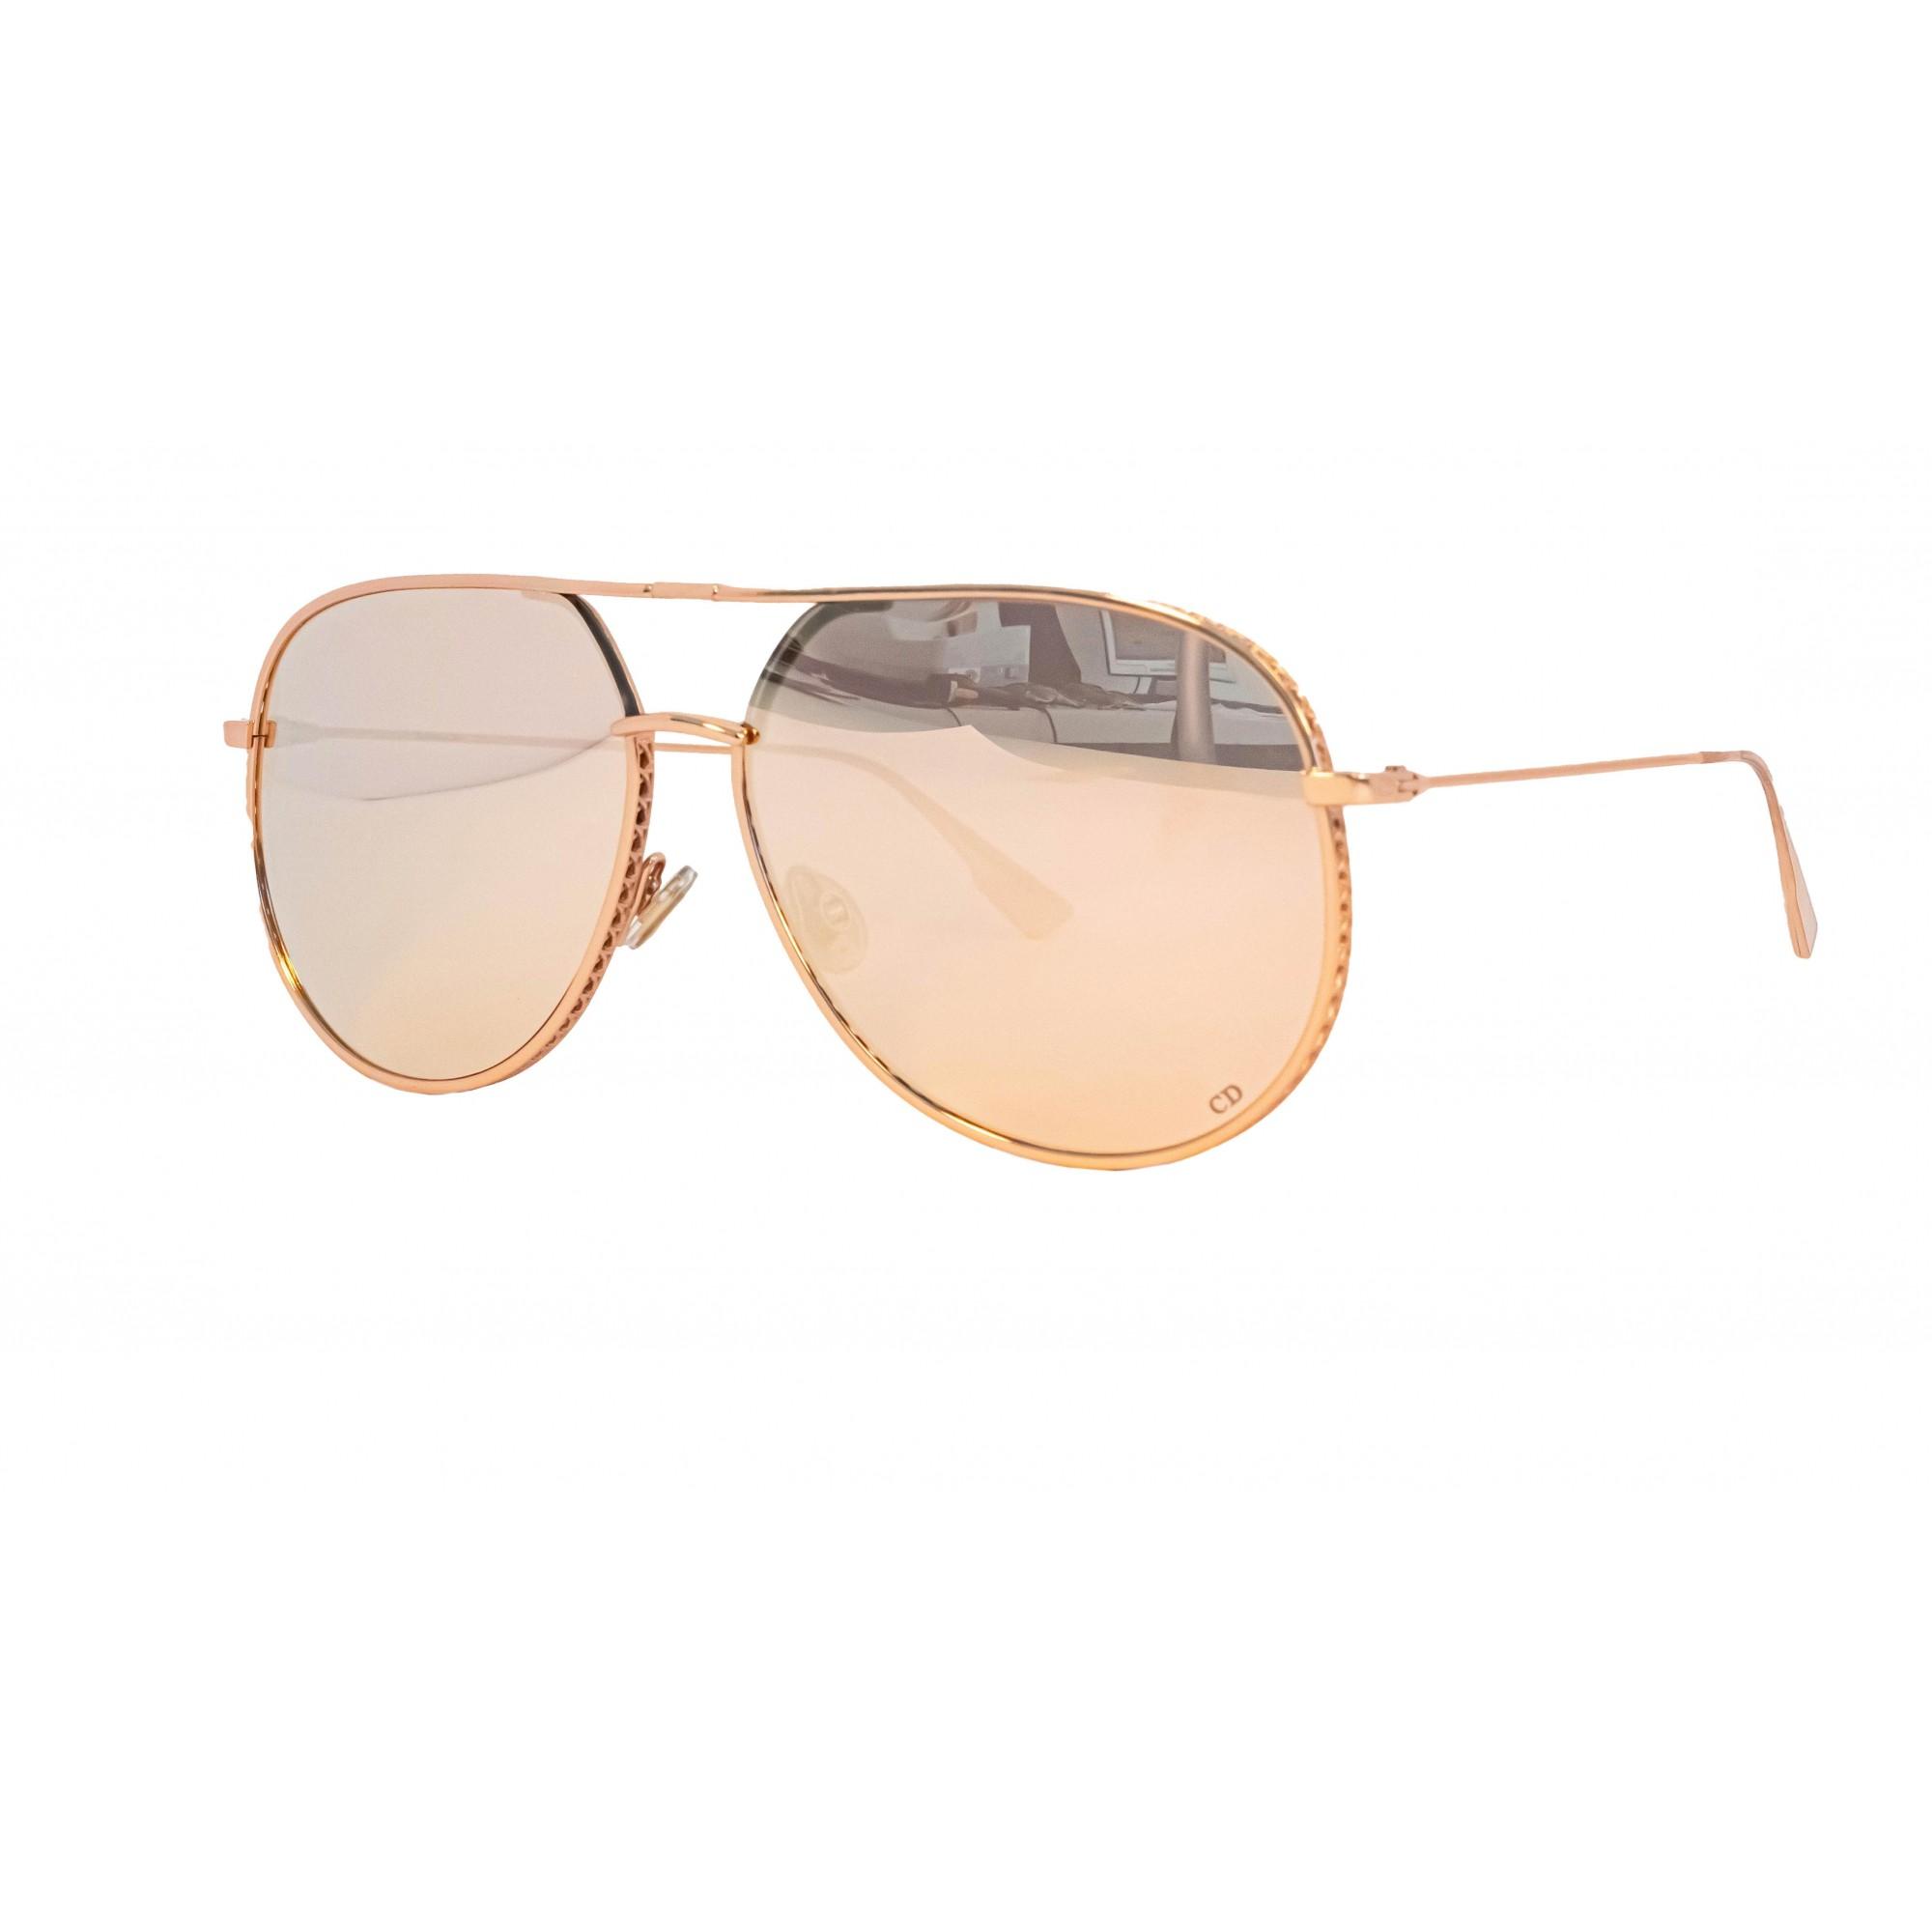 Óculos Dior Aviador Bydior Ddbsq 60 Rosé